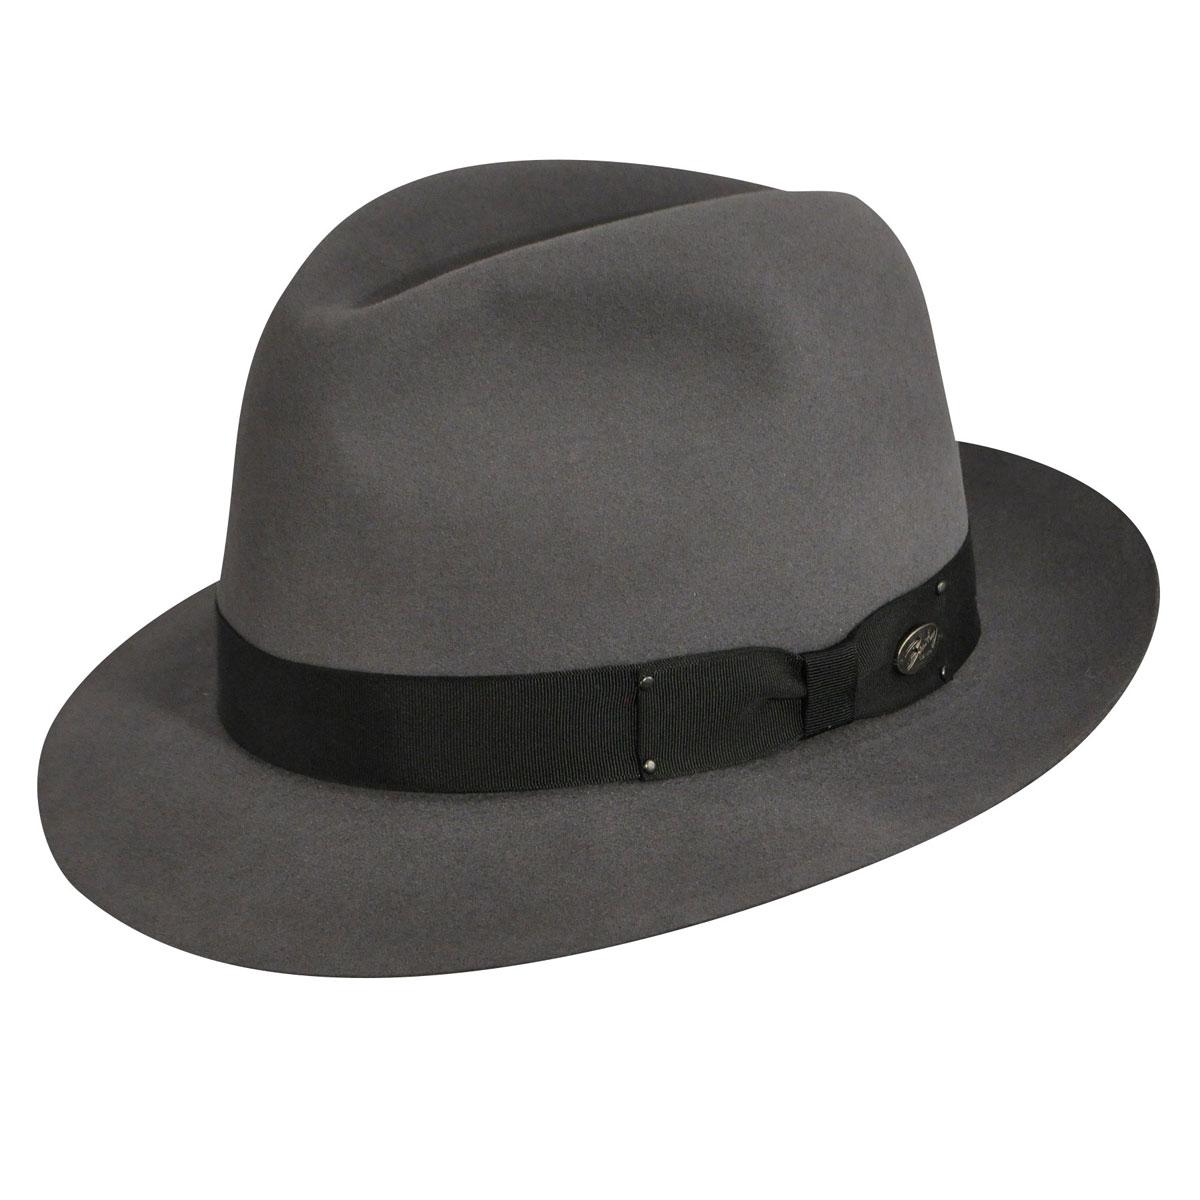 Men's Vintage Style Hats Draper Hat $325.00 AT vintagedancer.com